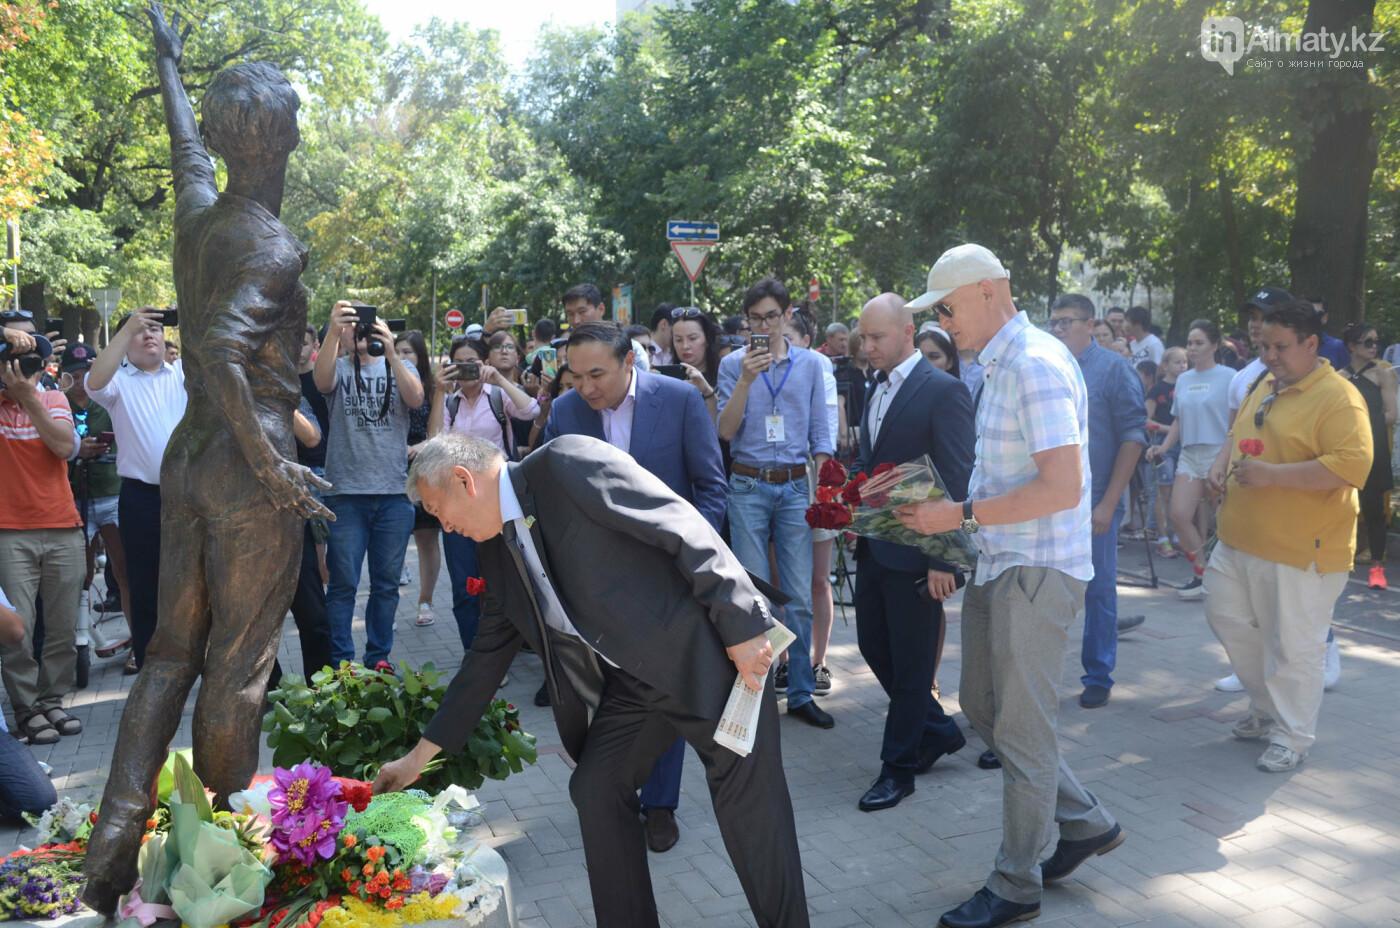 Родственники Дениса Тена и звезды фигурного катания почтили память фигуриста в Алматы, фото-9